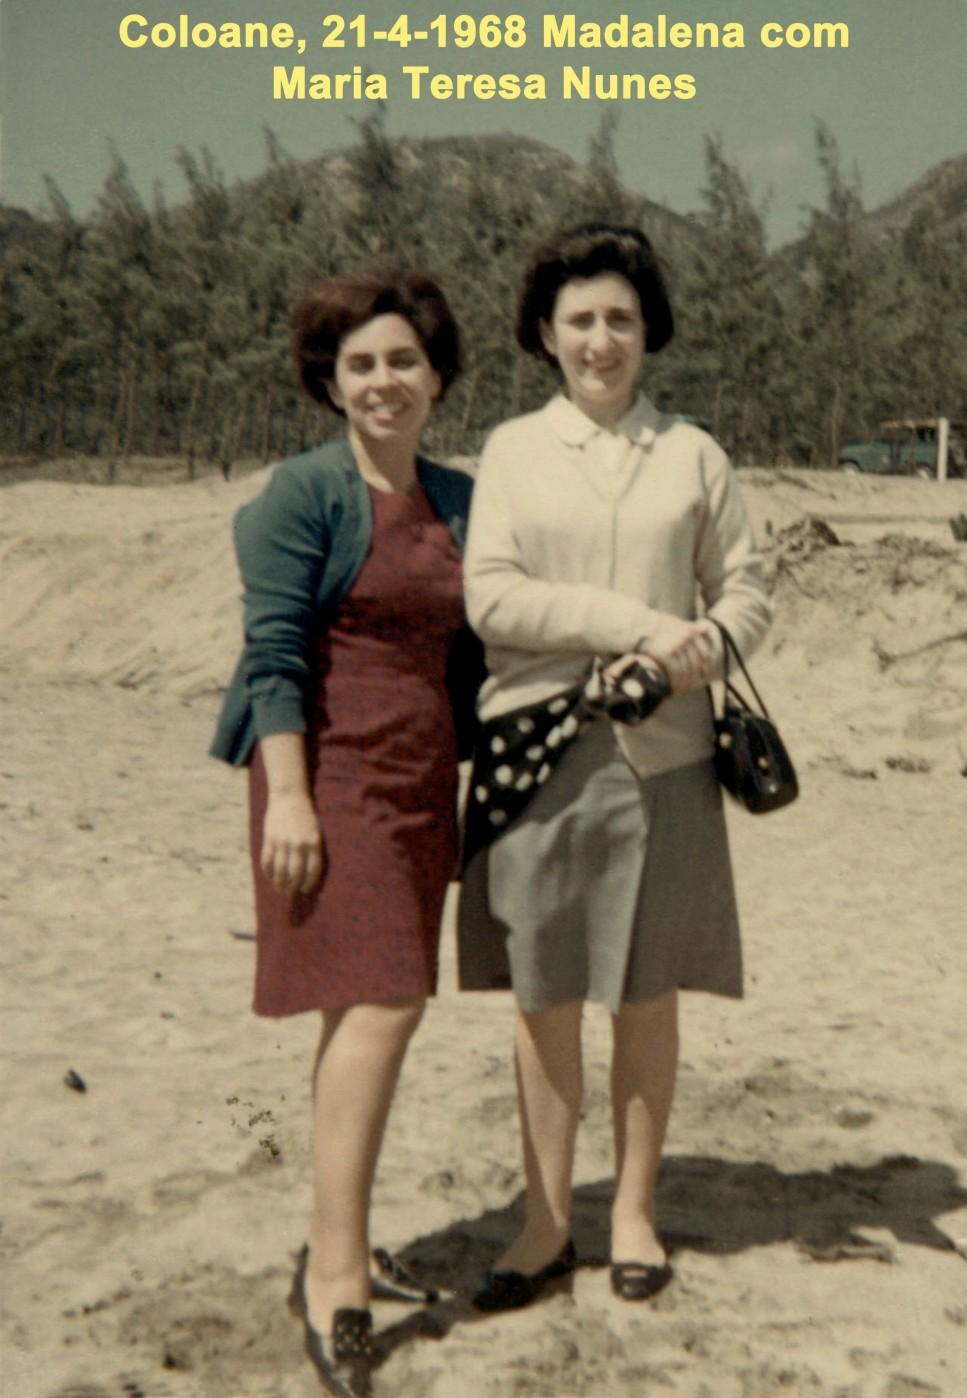 058 68-04-21 Madalena e M. Teresa Nunes em Coloane